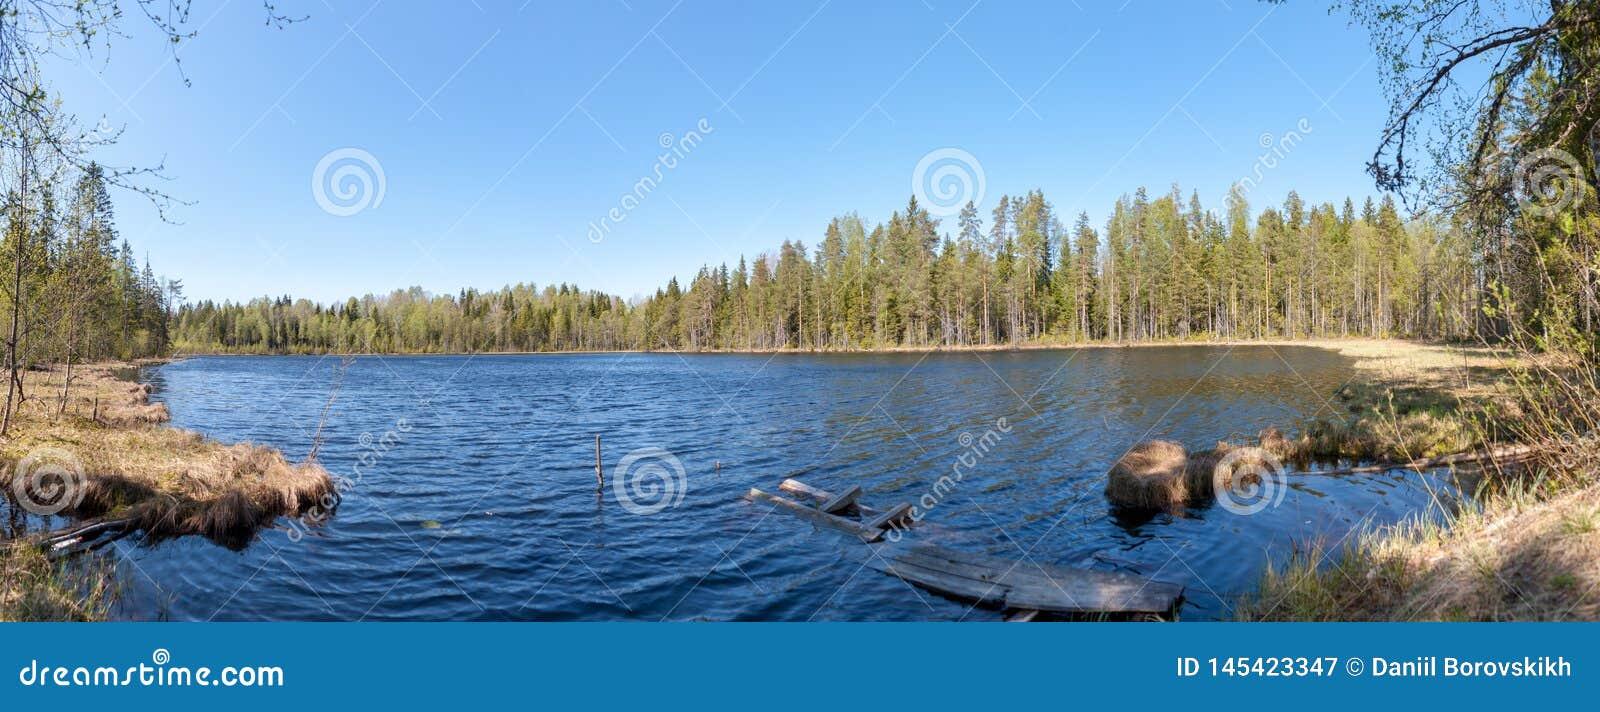 福瑞斯特湖全景